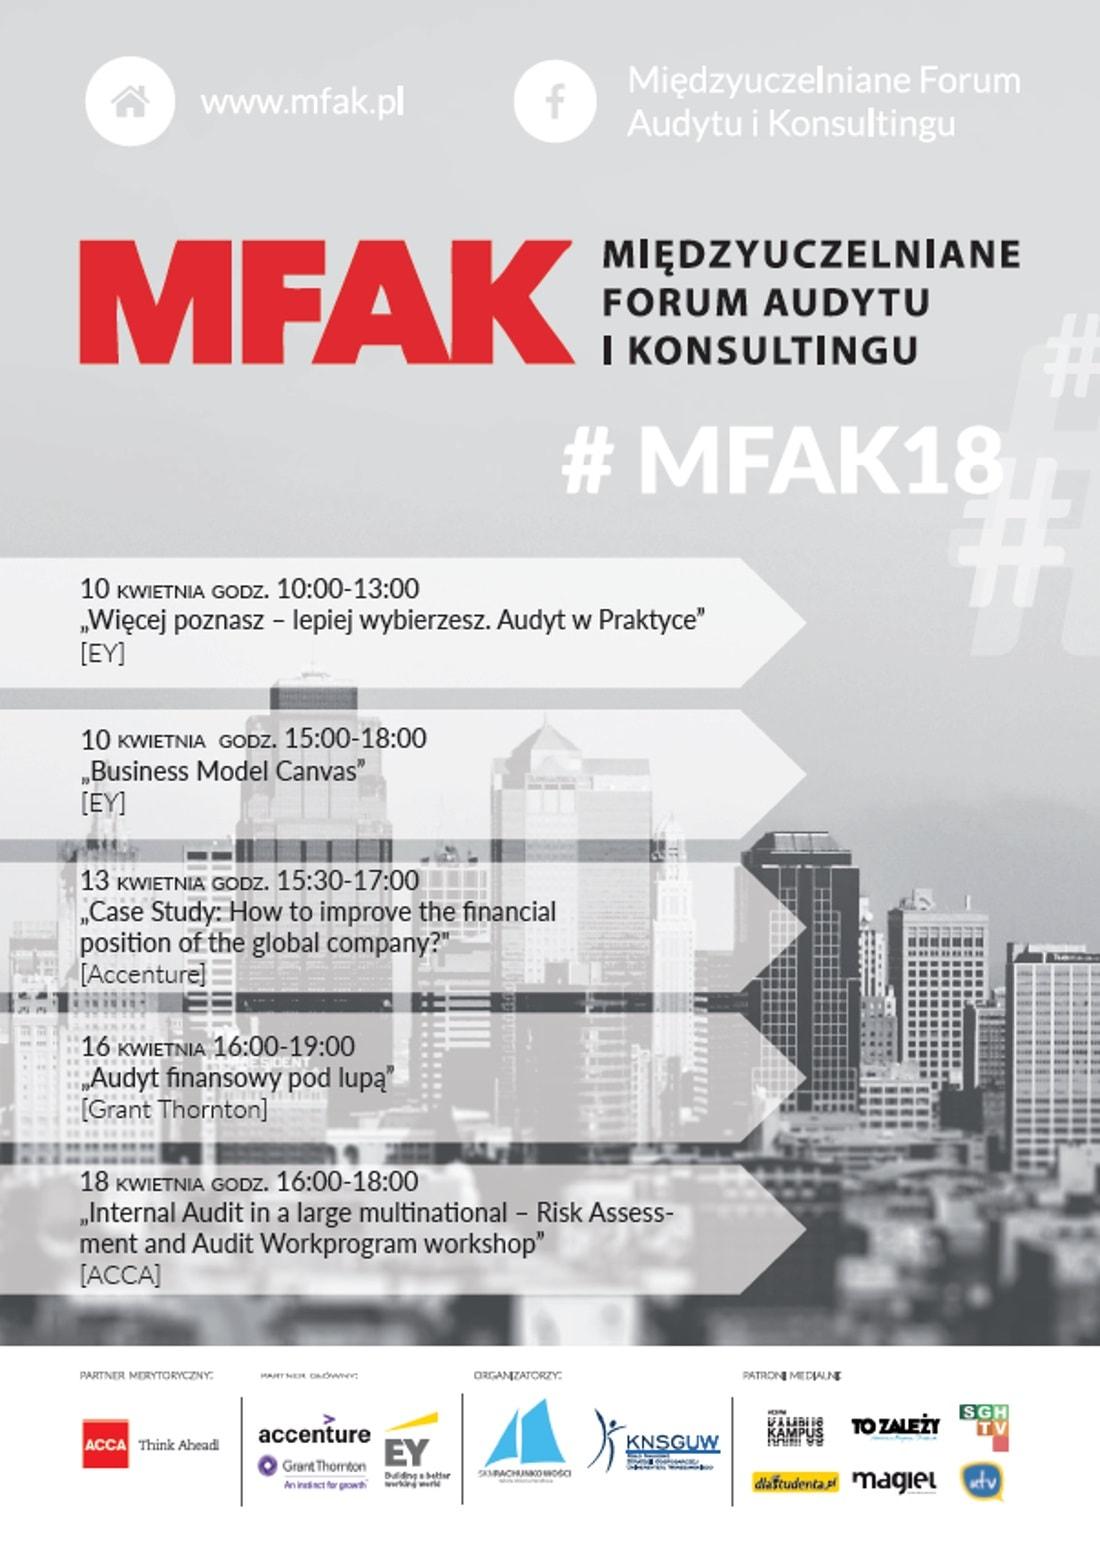 MFAK odbędzie się w dniach 10-18 kwietnia 2018 roku.